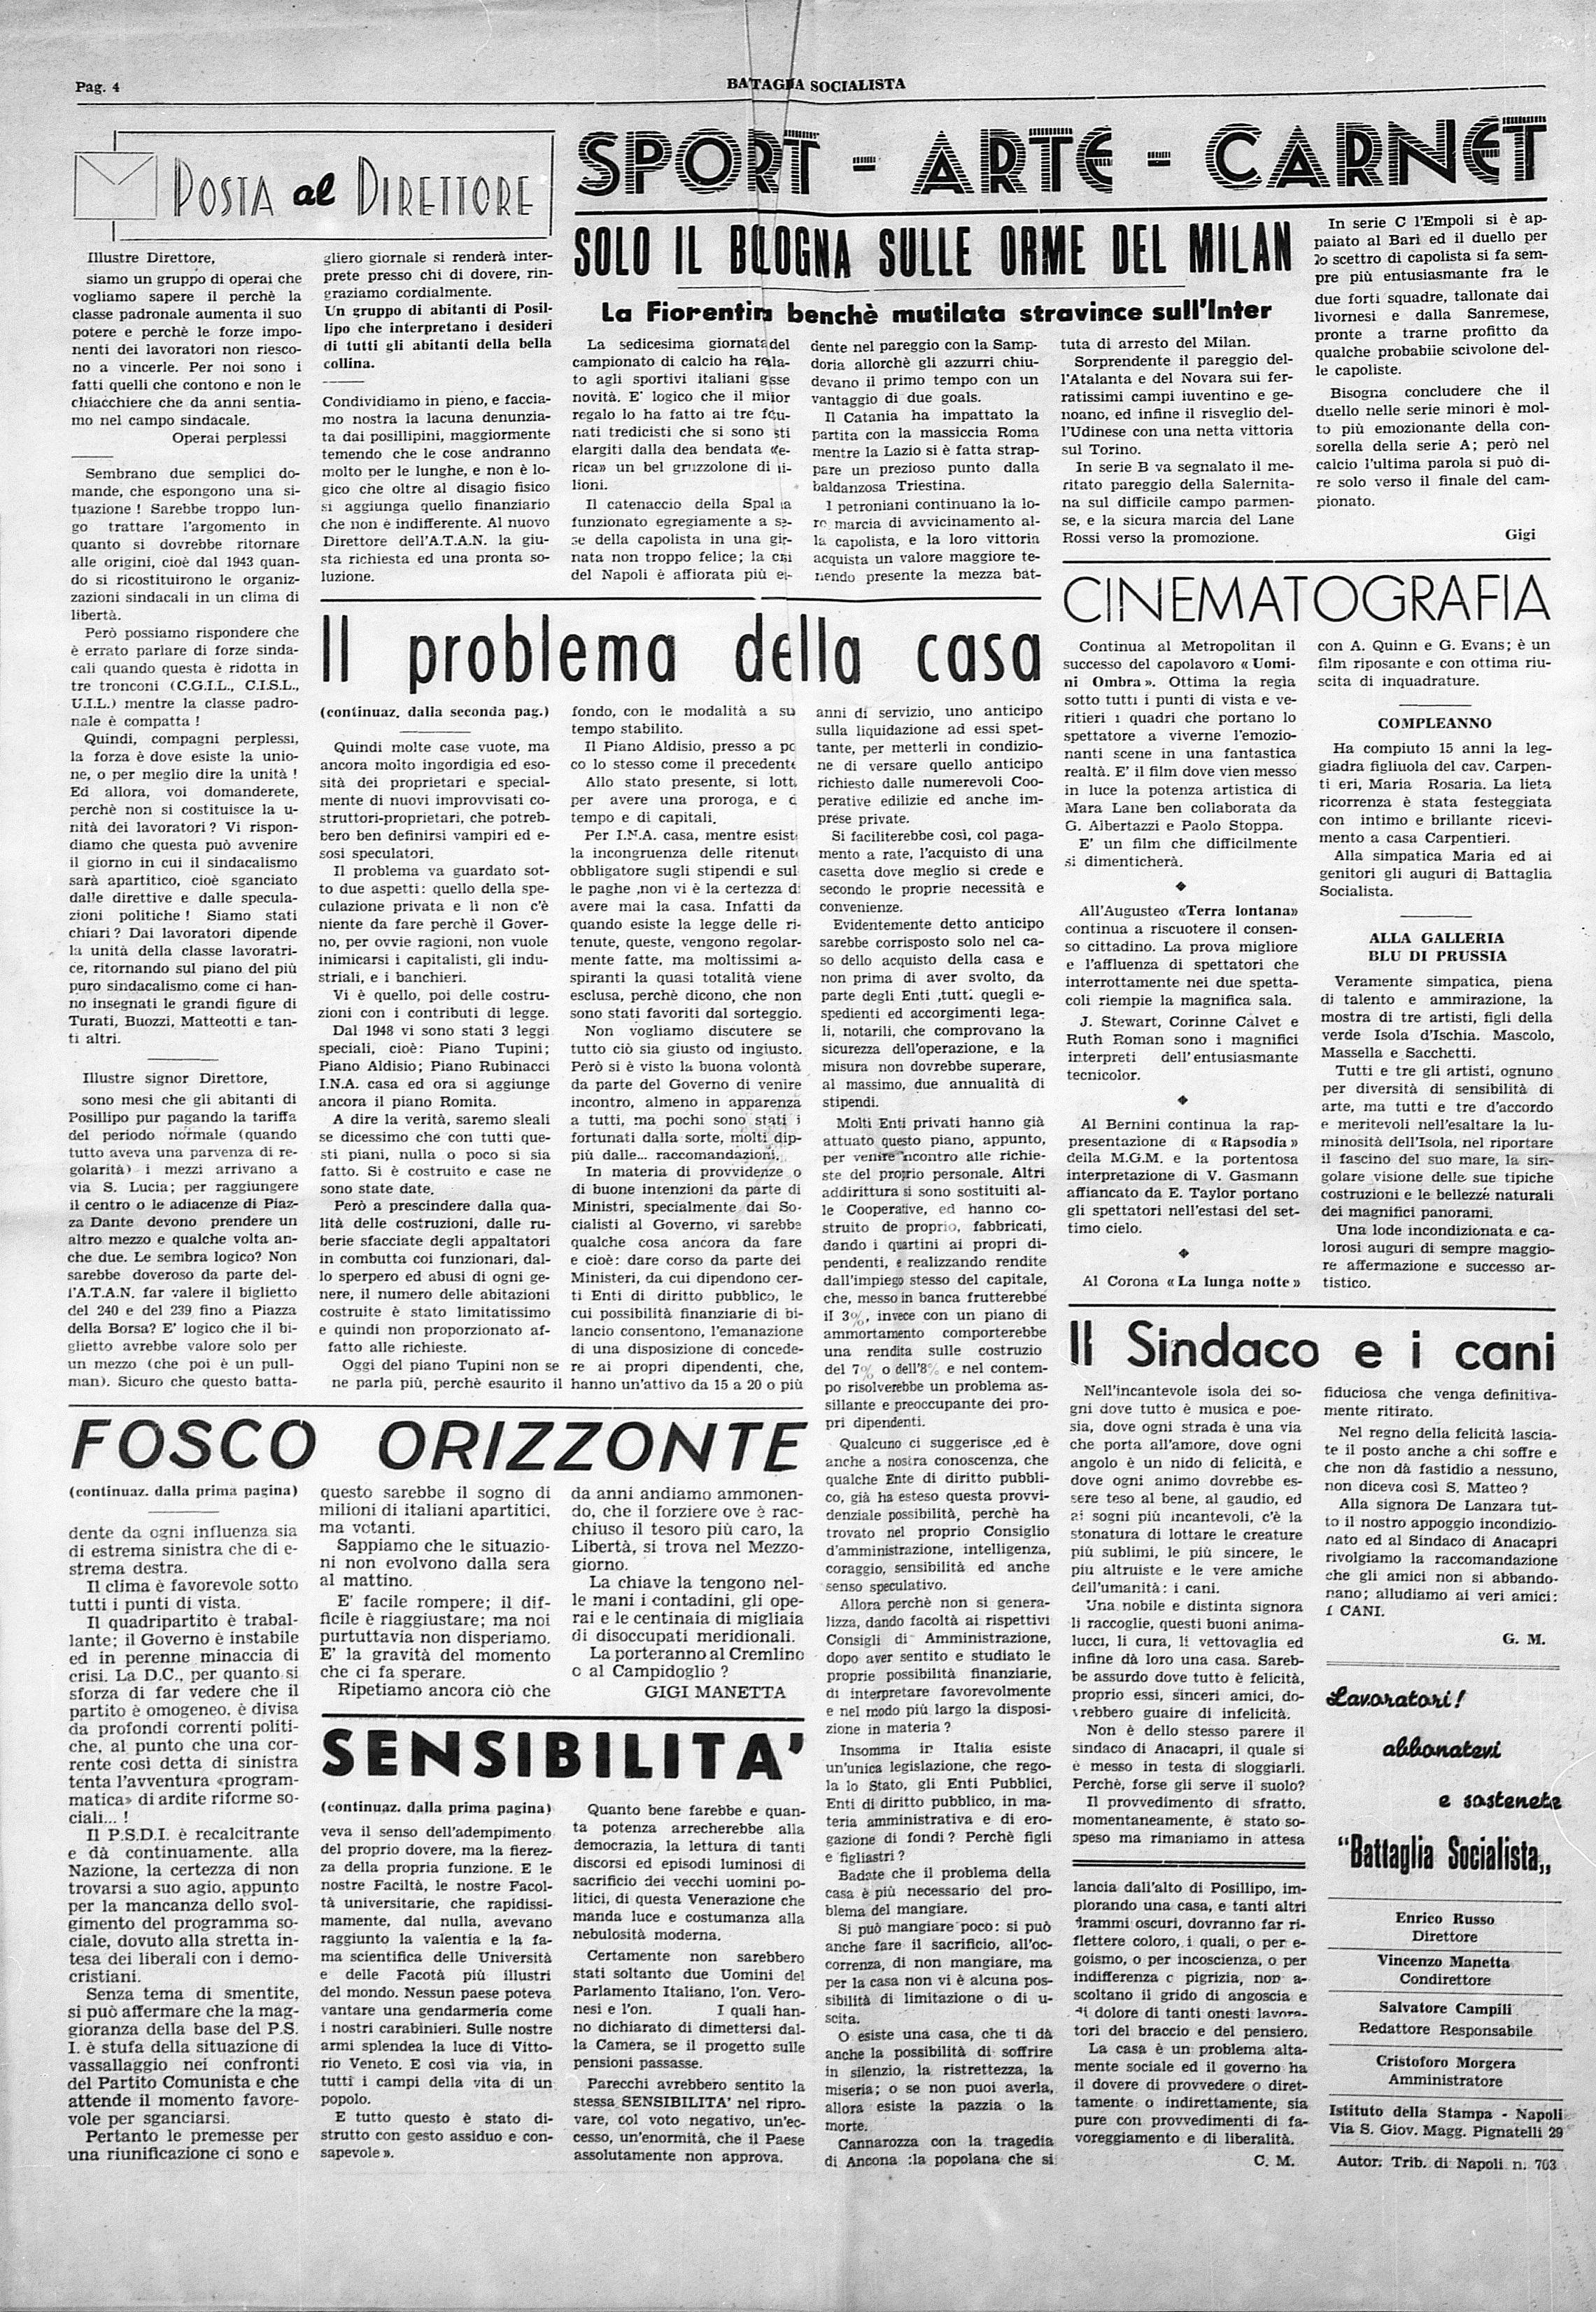 Battaglia Socialista anno III num. 1 - pag. 4